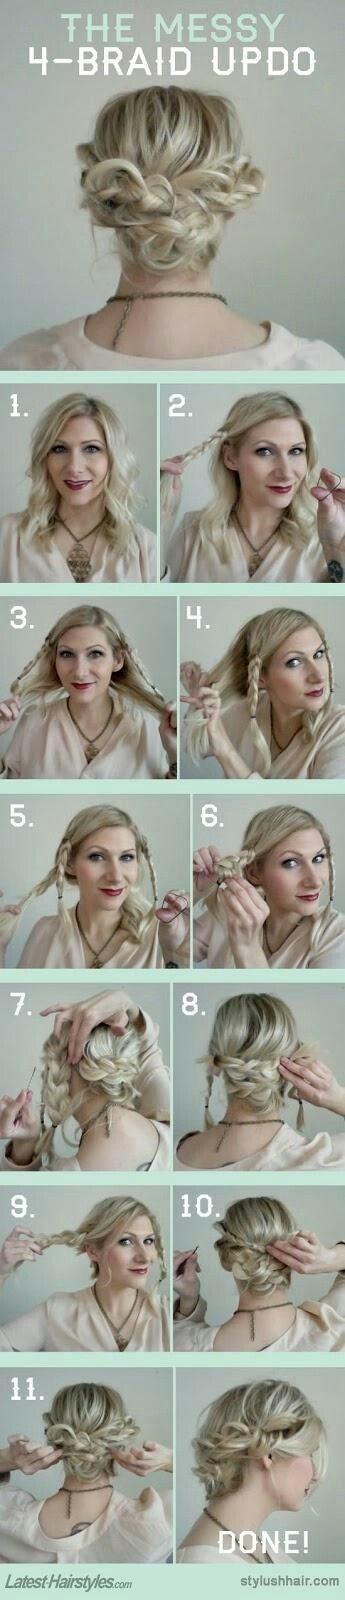 Messy braided updo tutorial for shorter hair